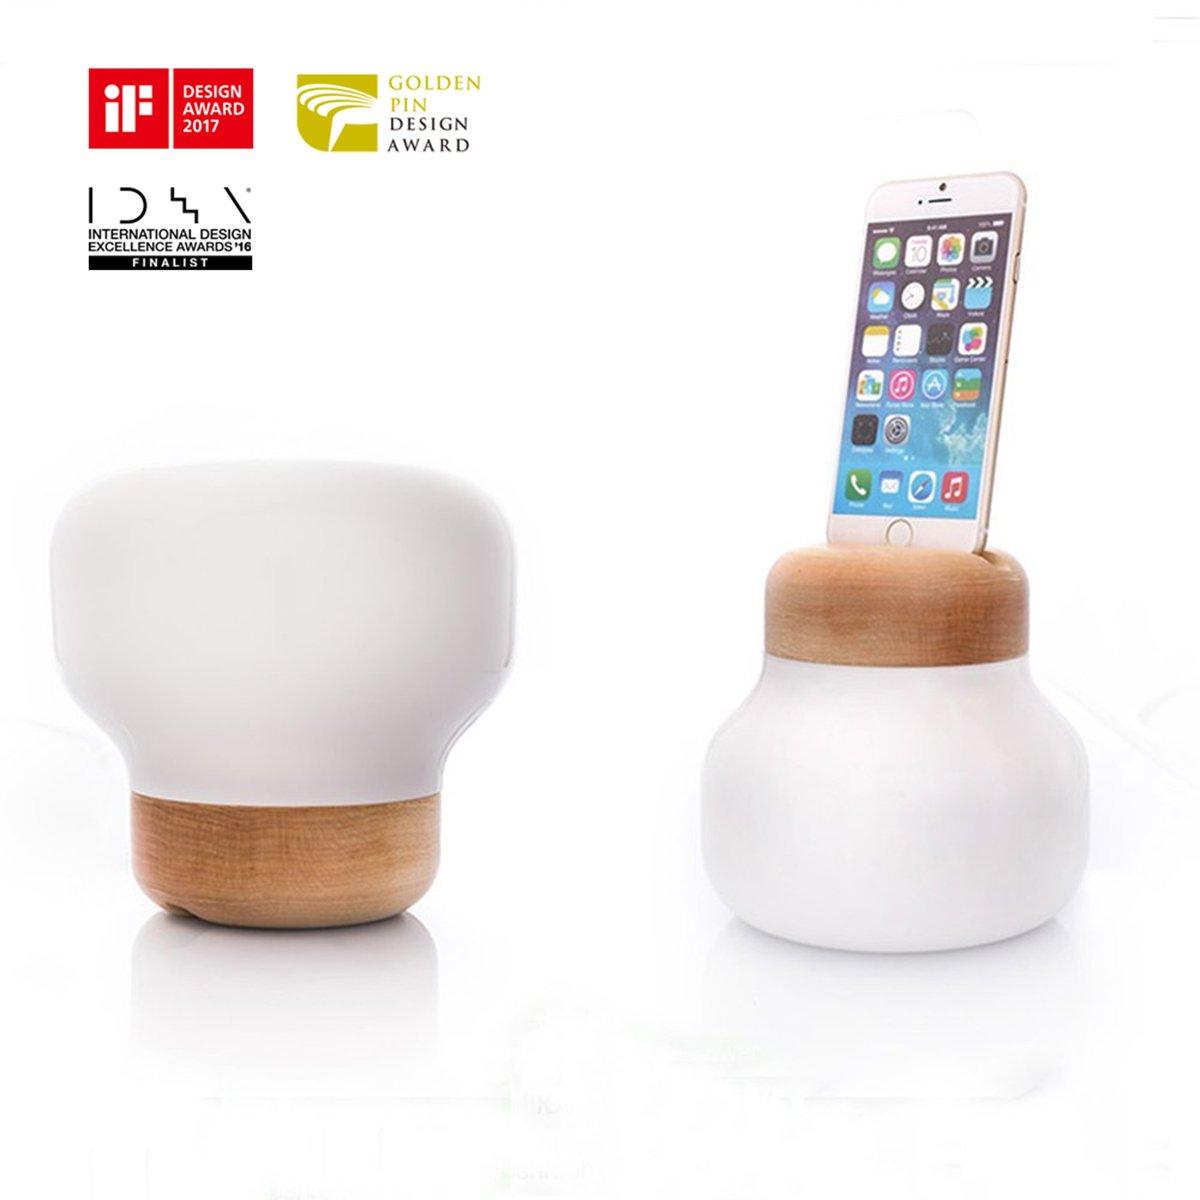 dimmung lampada da tavolo IDMIX X zision portatile lampada da tavolo led lampada da tavolo lampada da comodino, Docking Station per Ricarica e Sincronizzazione Lightning da (MFi certificato, per iPhone 5/5S/5C, iPhone 6/6S, iPhone 6Plus/6S Plus, iPhone 7